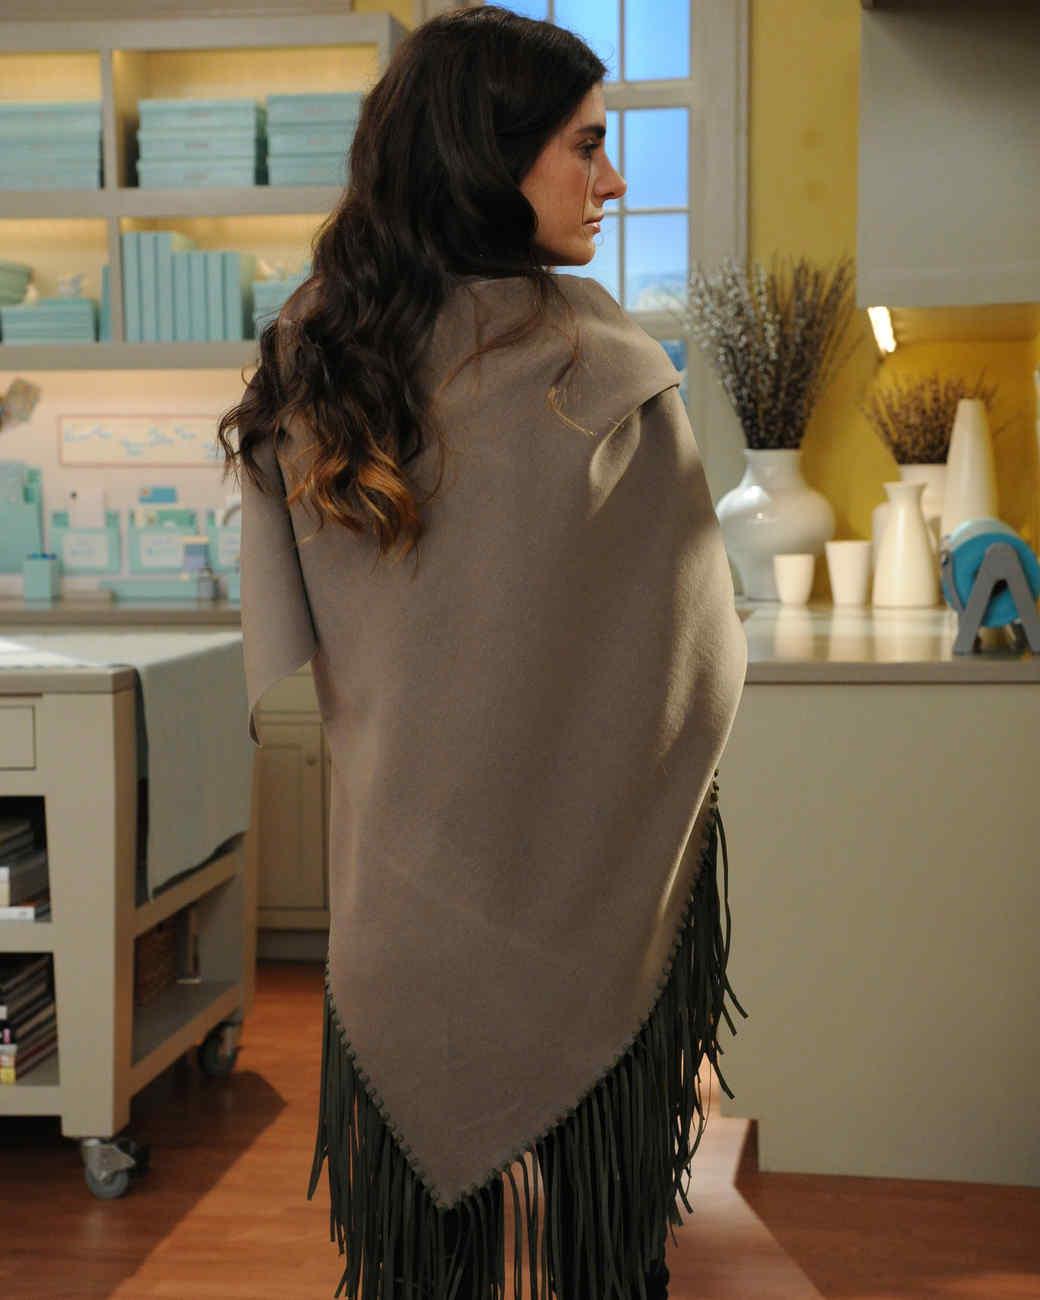 shawl-mslb7090.jpg